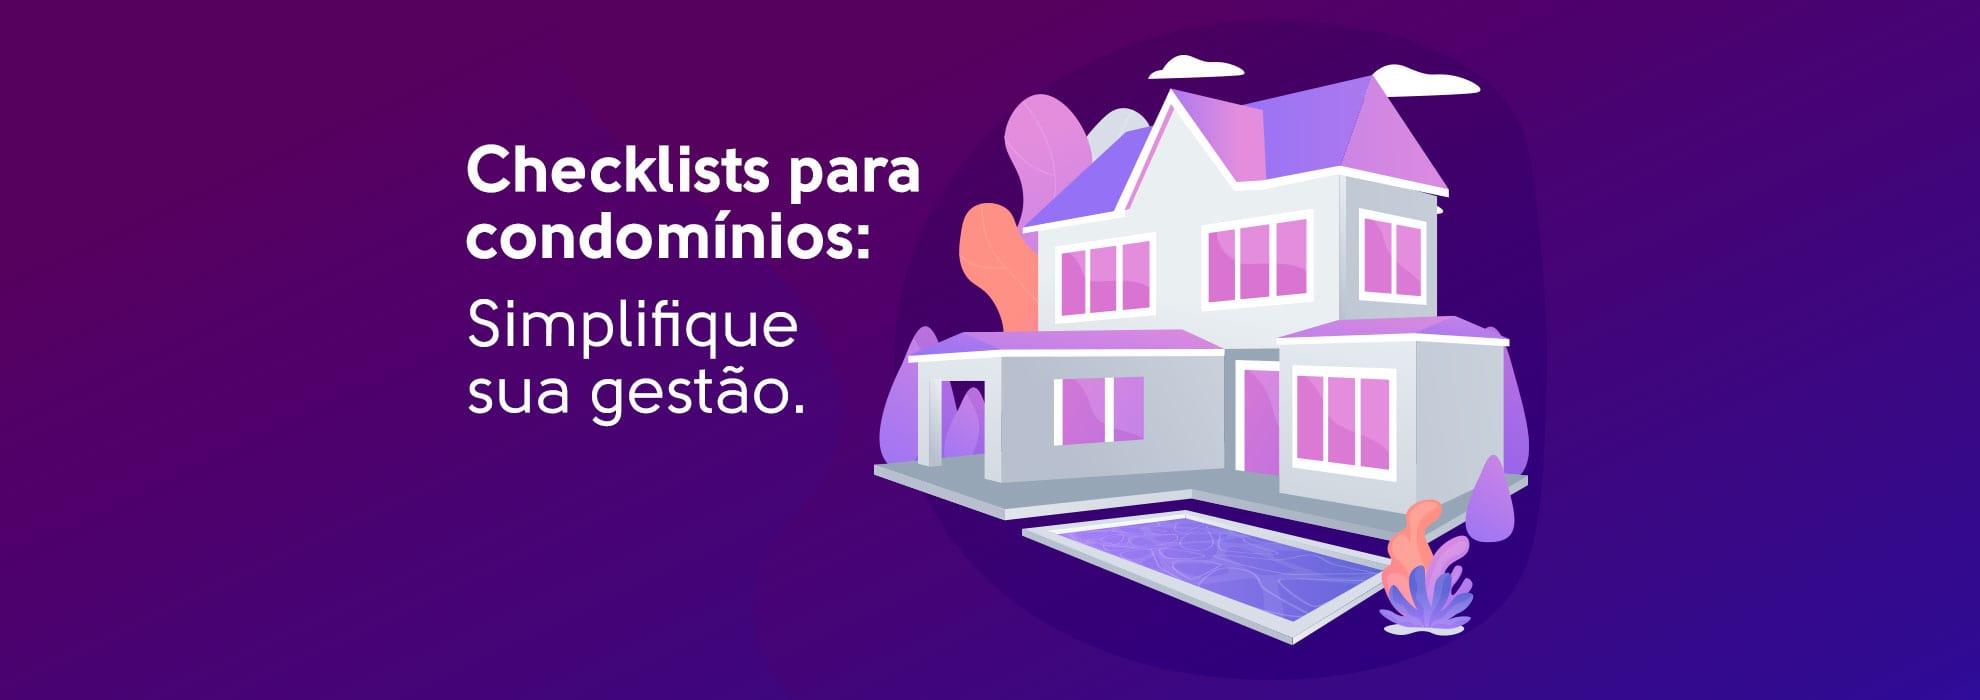 Checklists para condomínios: Simplifique sua gestão